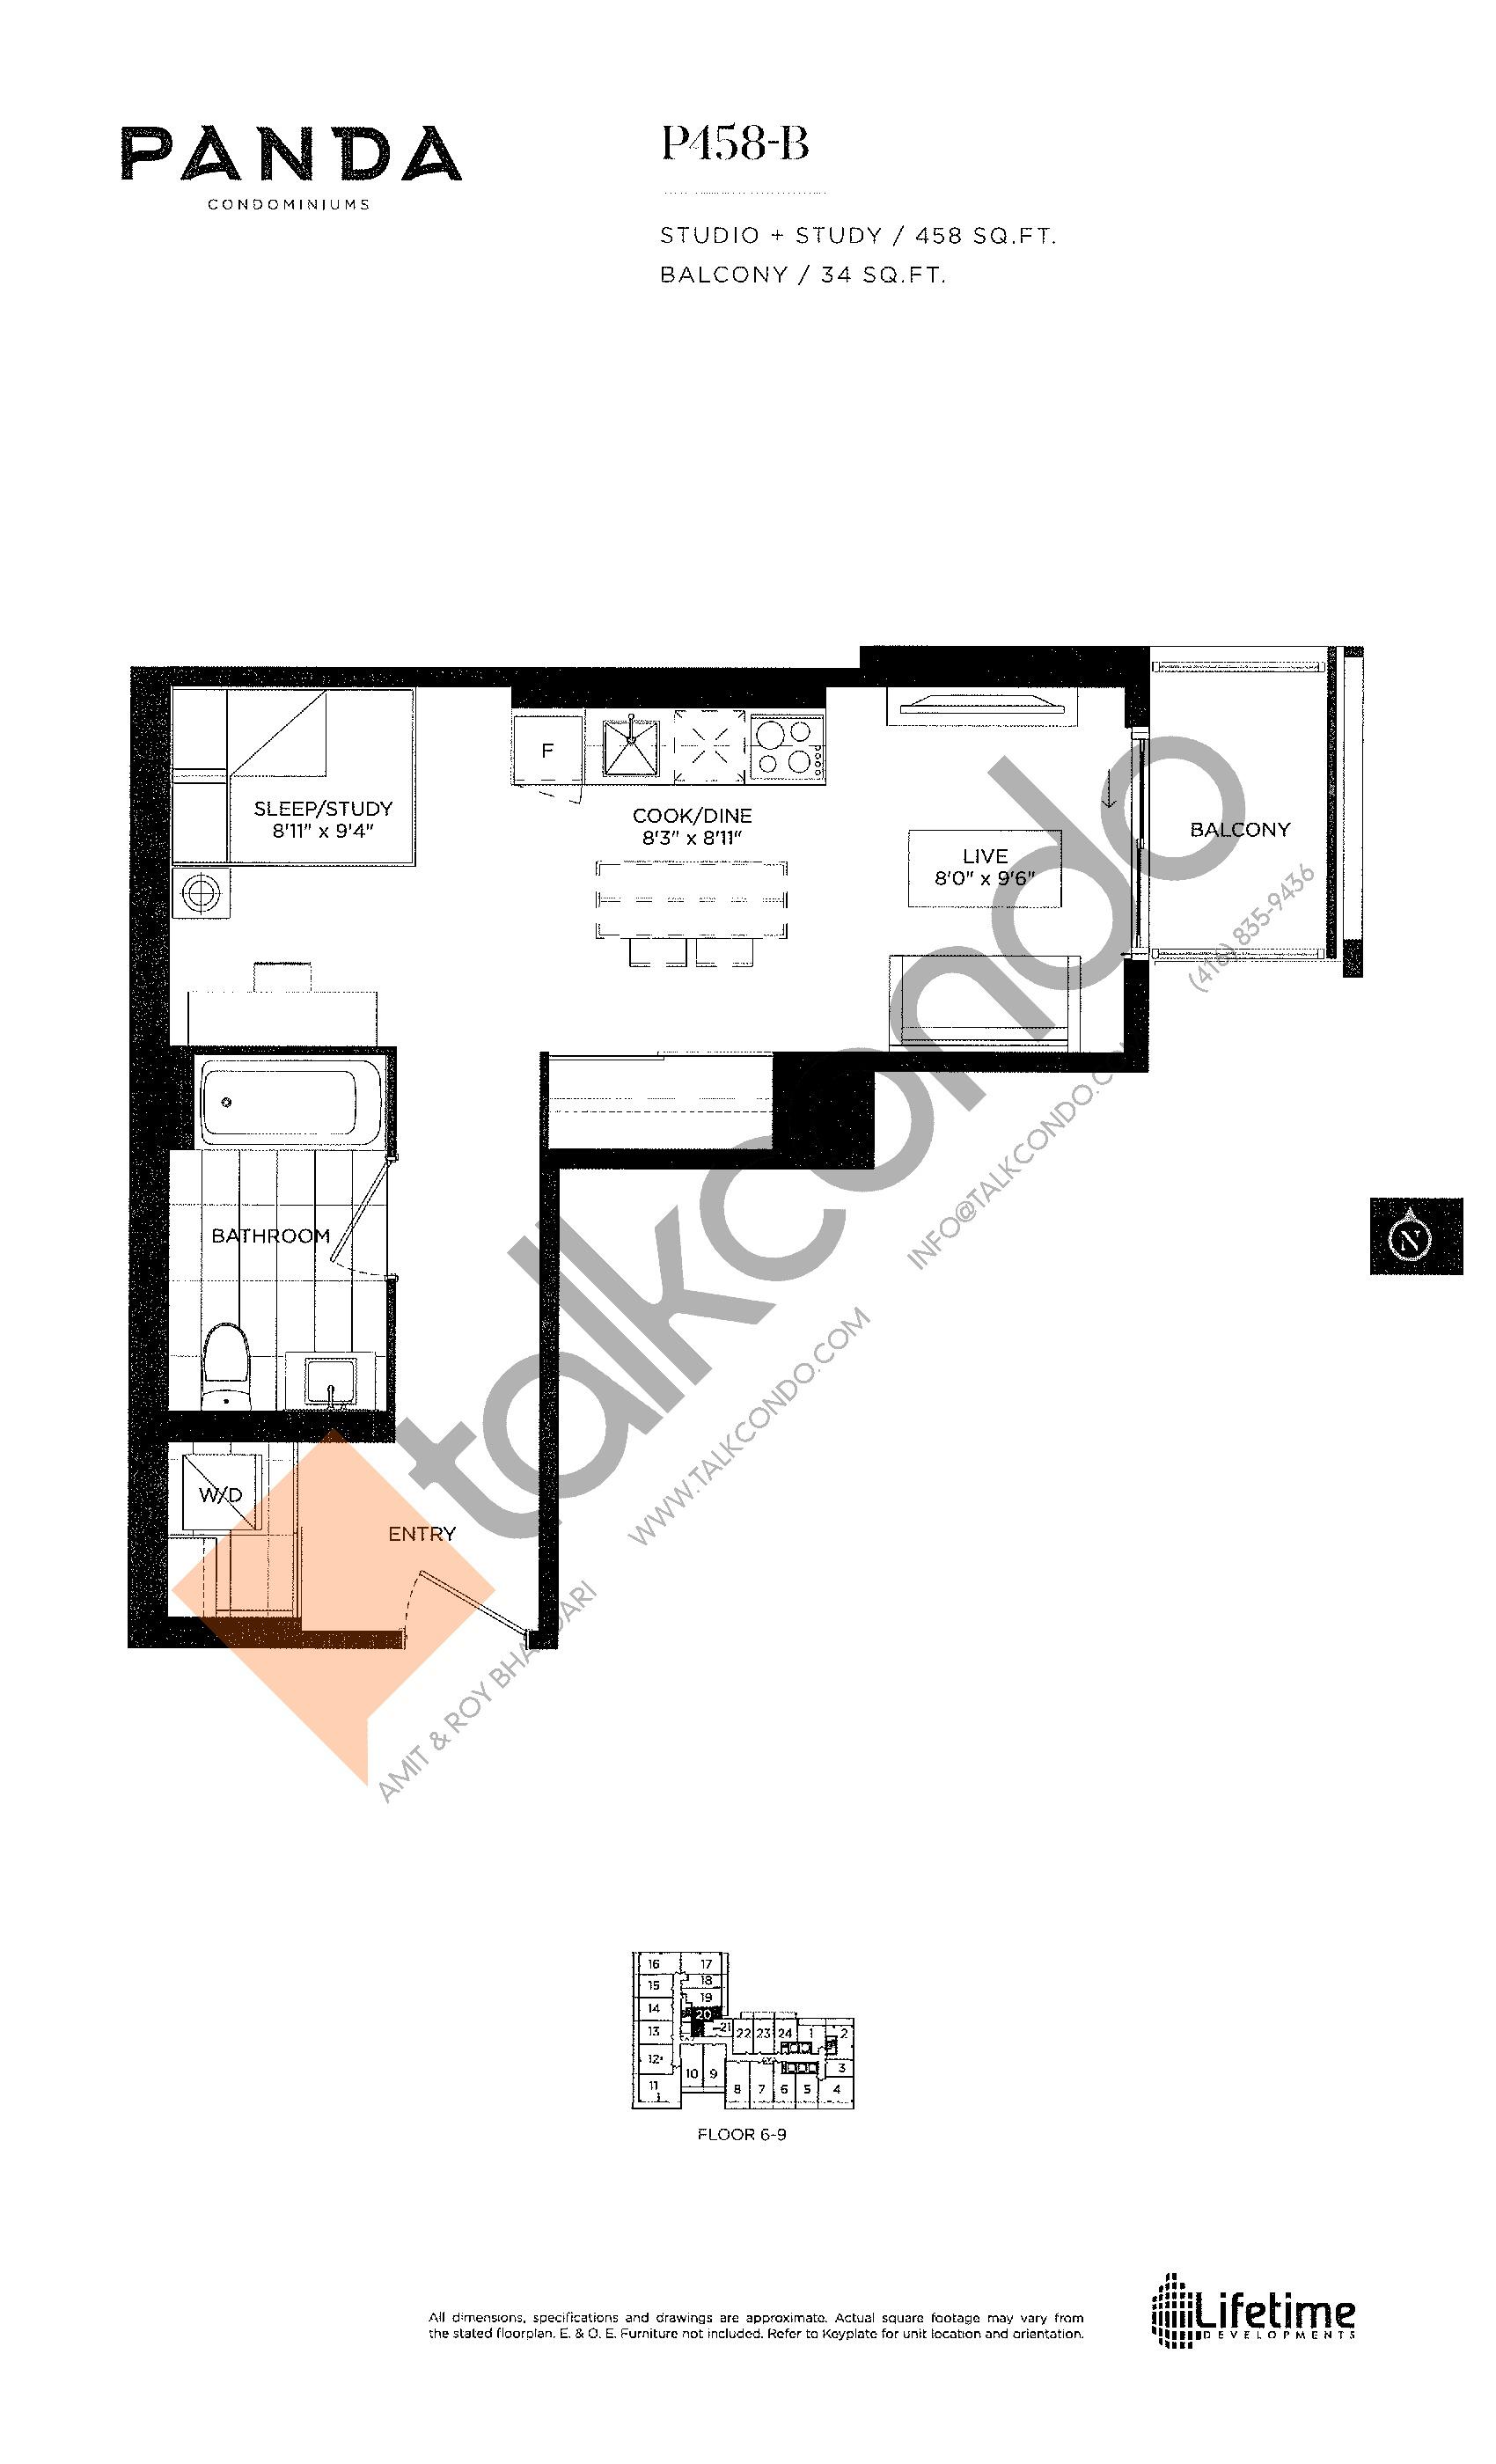 P458-B Floor Plan at Panda Condos - 458 sq.ft